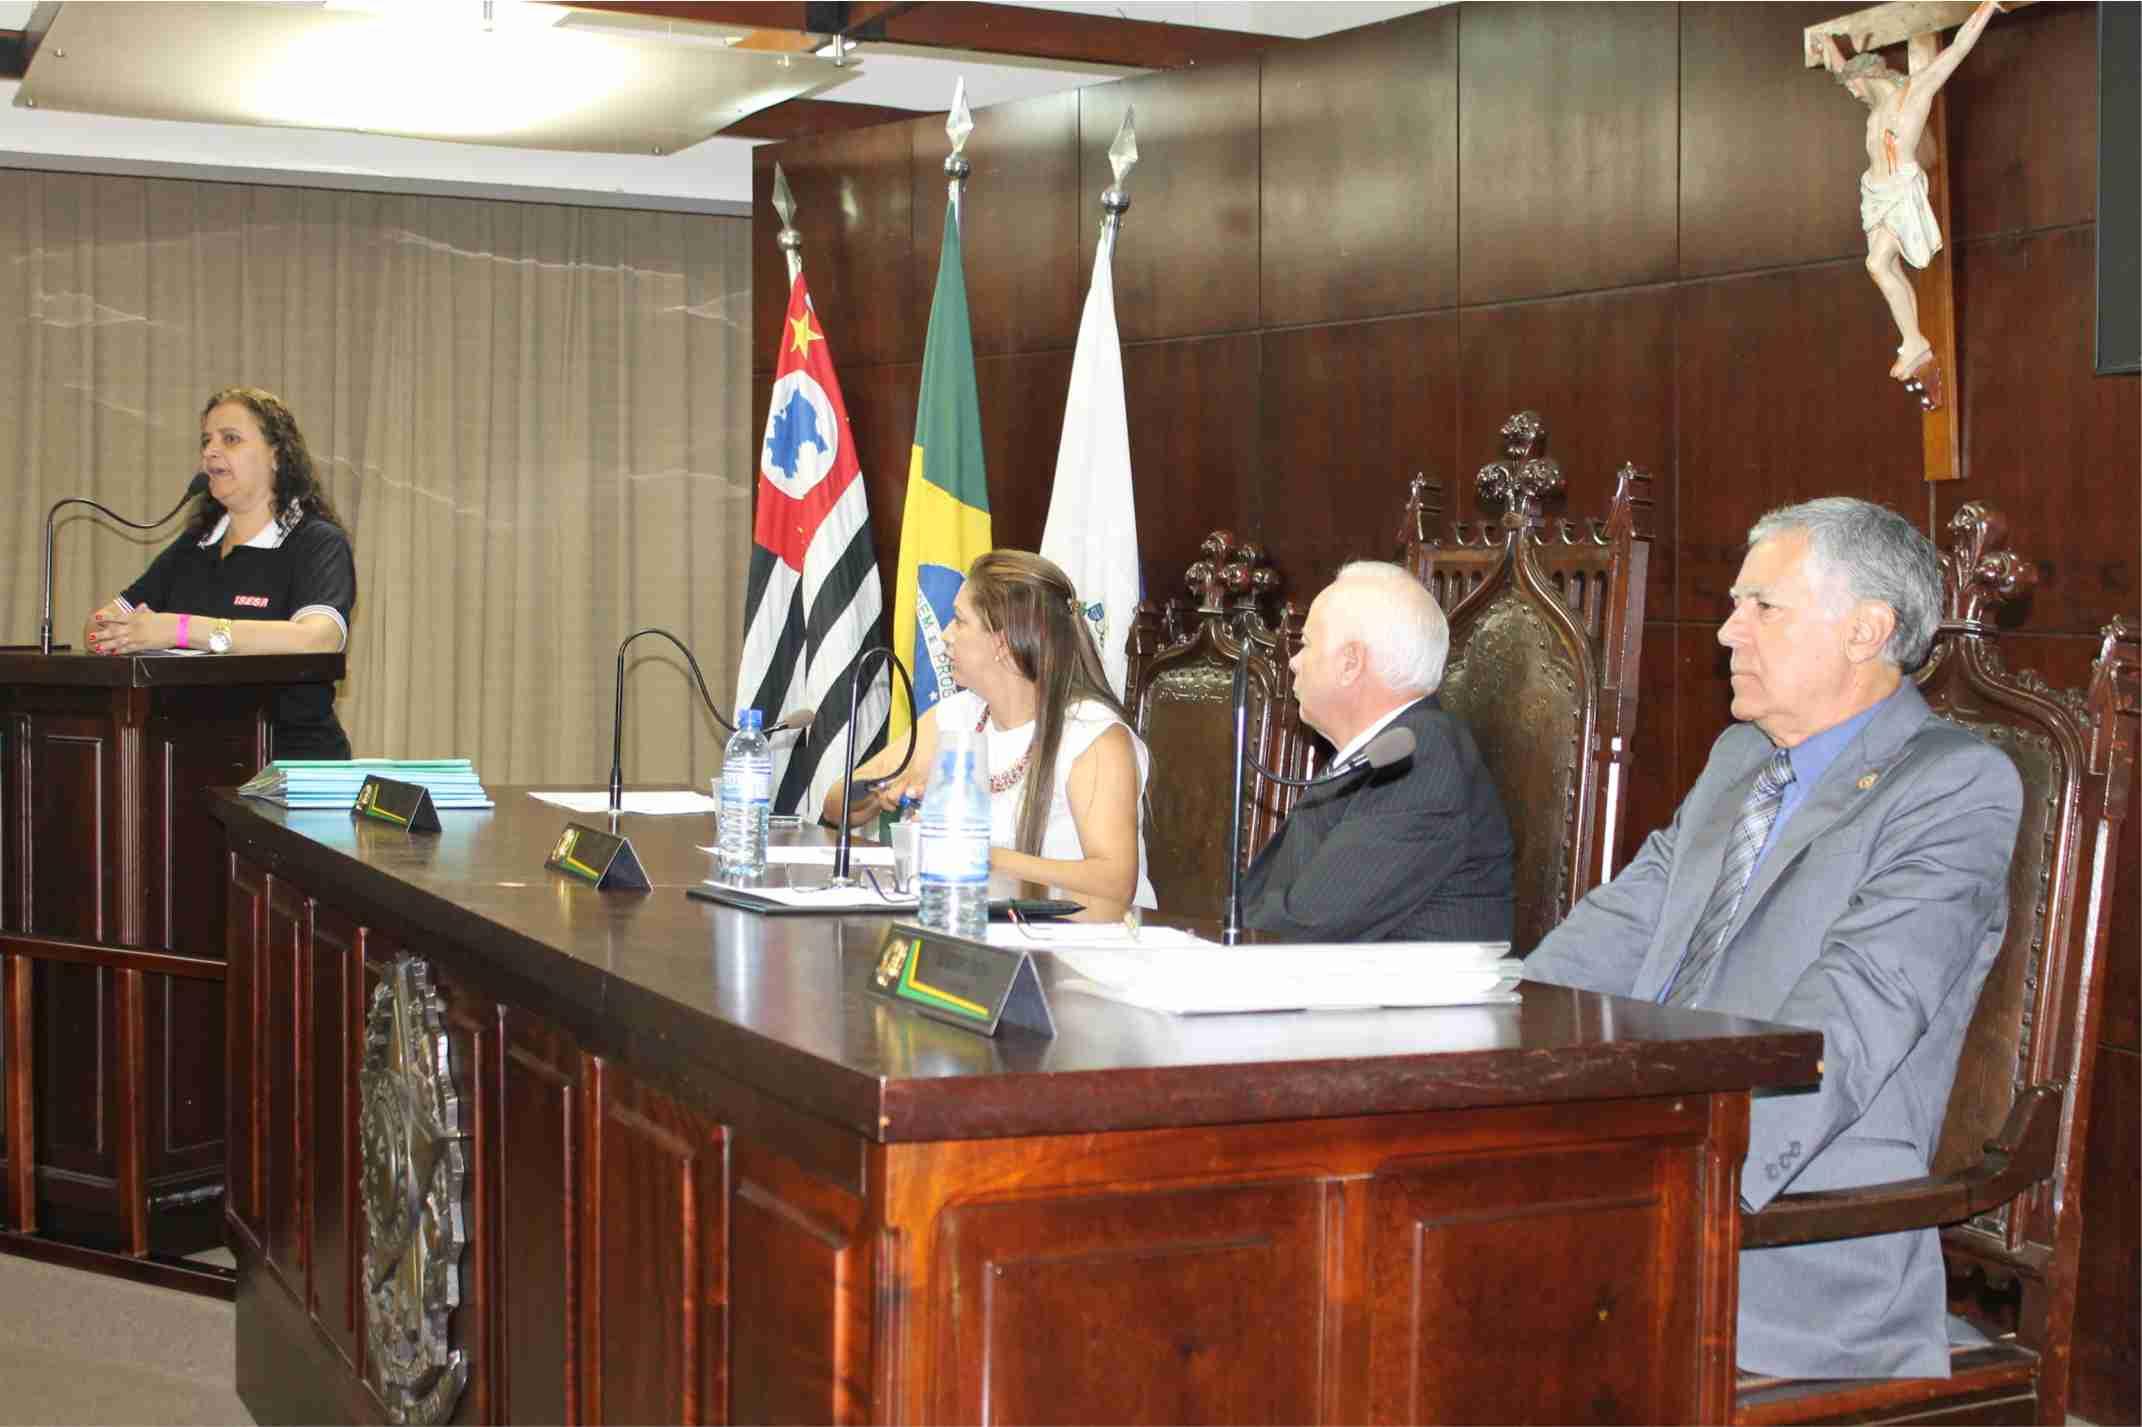 (Foto: Divulgação/Câmara Municipal de Jaboticabal)